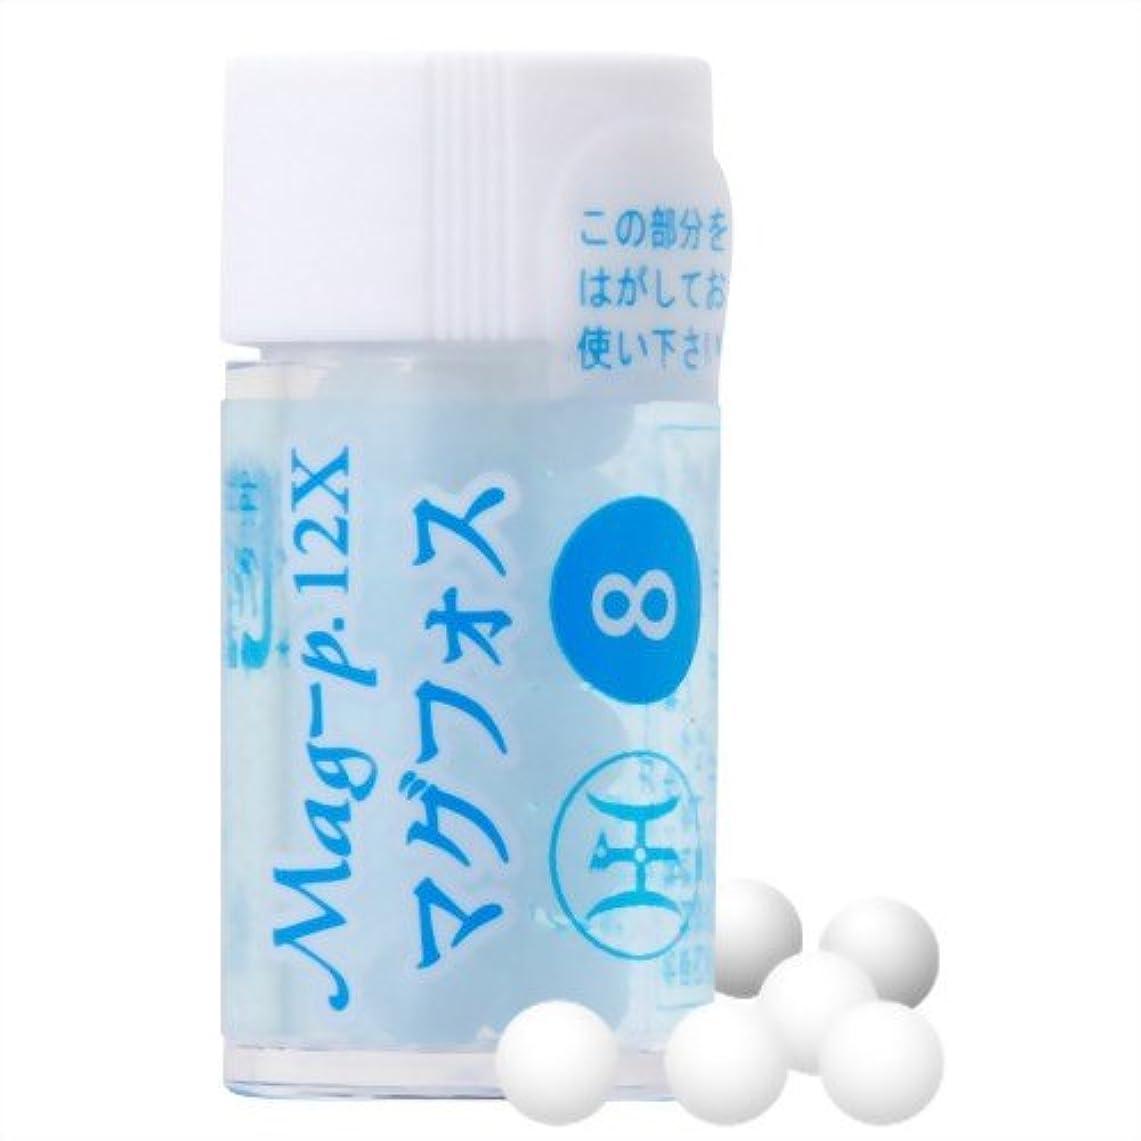 アンプ冷ややかな端ホメオパシージャパンレメディー Mag-p.【バイタル8】 マグフォス 12X